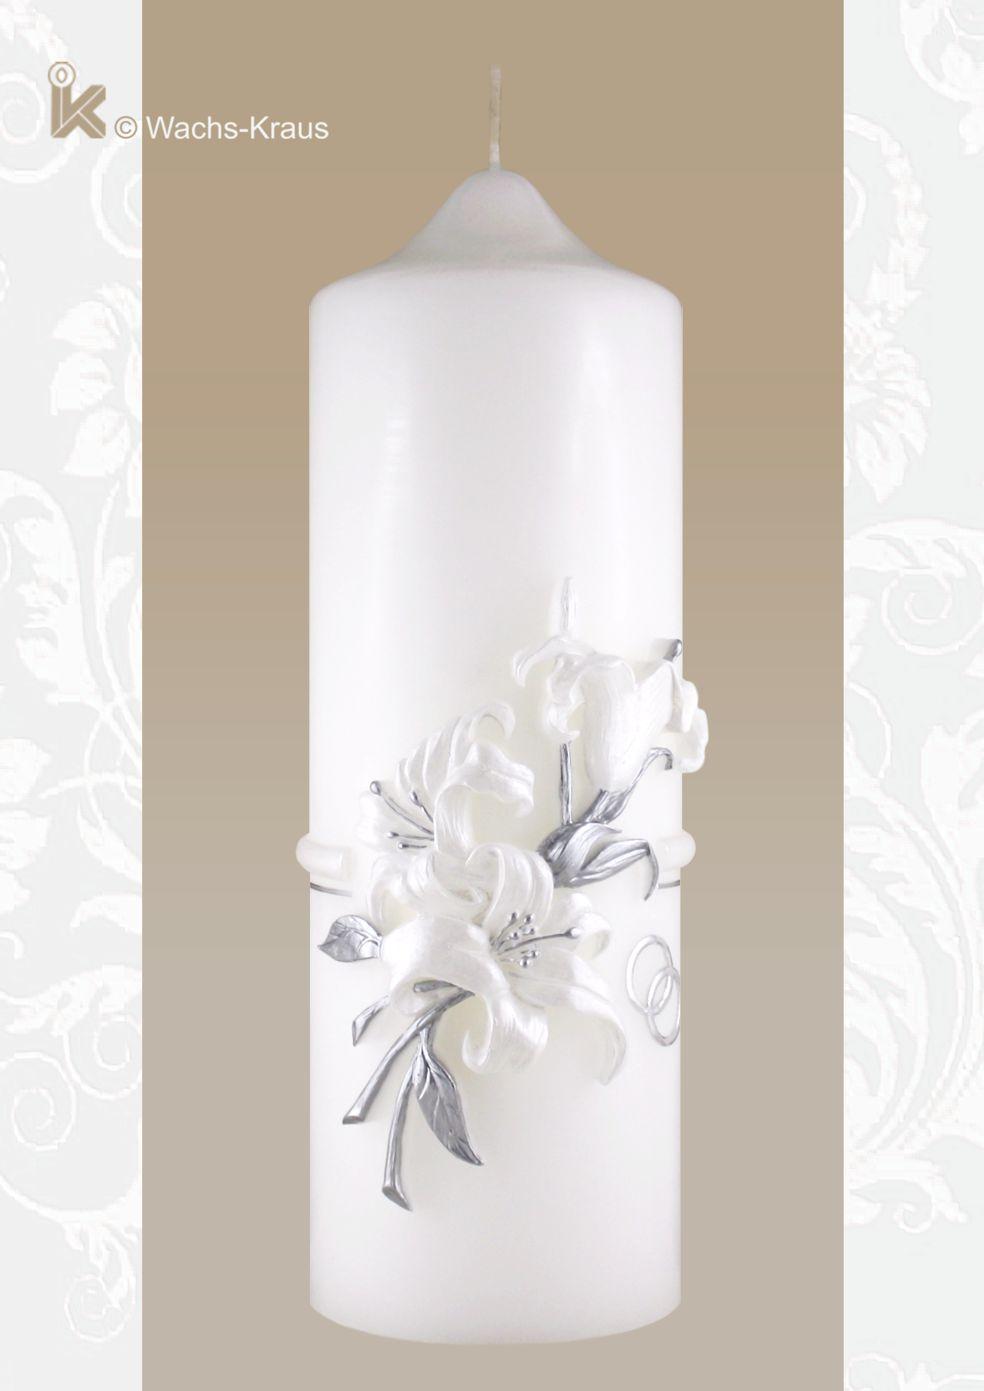 Zierkerze Lilie. Wunderschöne, plastisch modellierte Lilien in weiß und Silber auf einer qualitativ hochwertigen Kerzen.